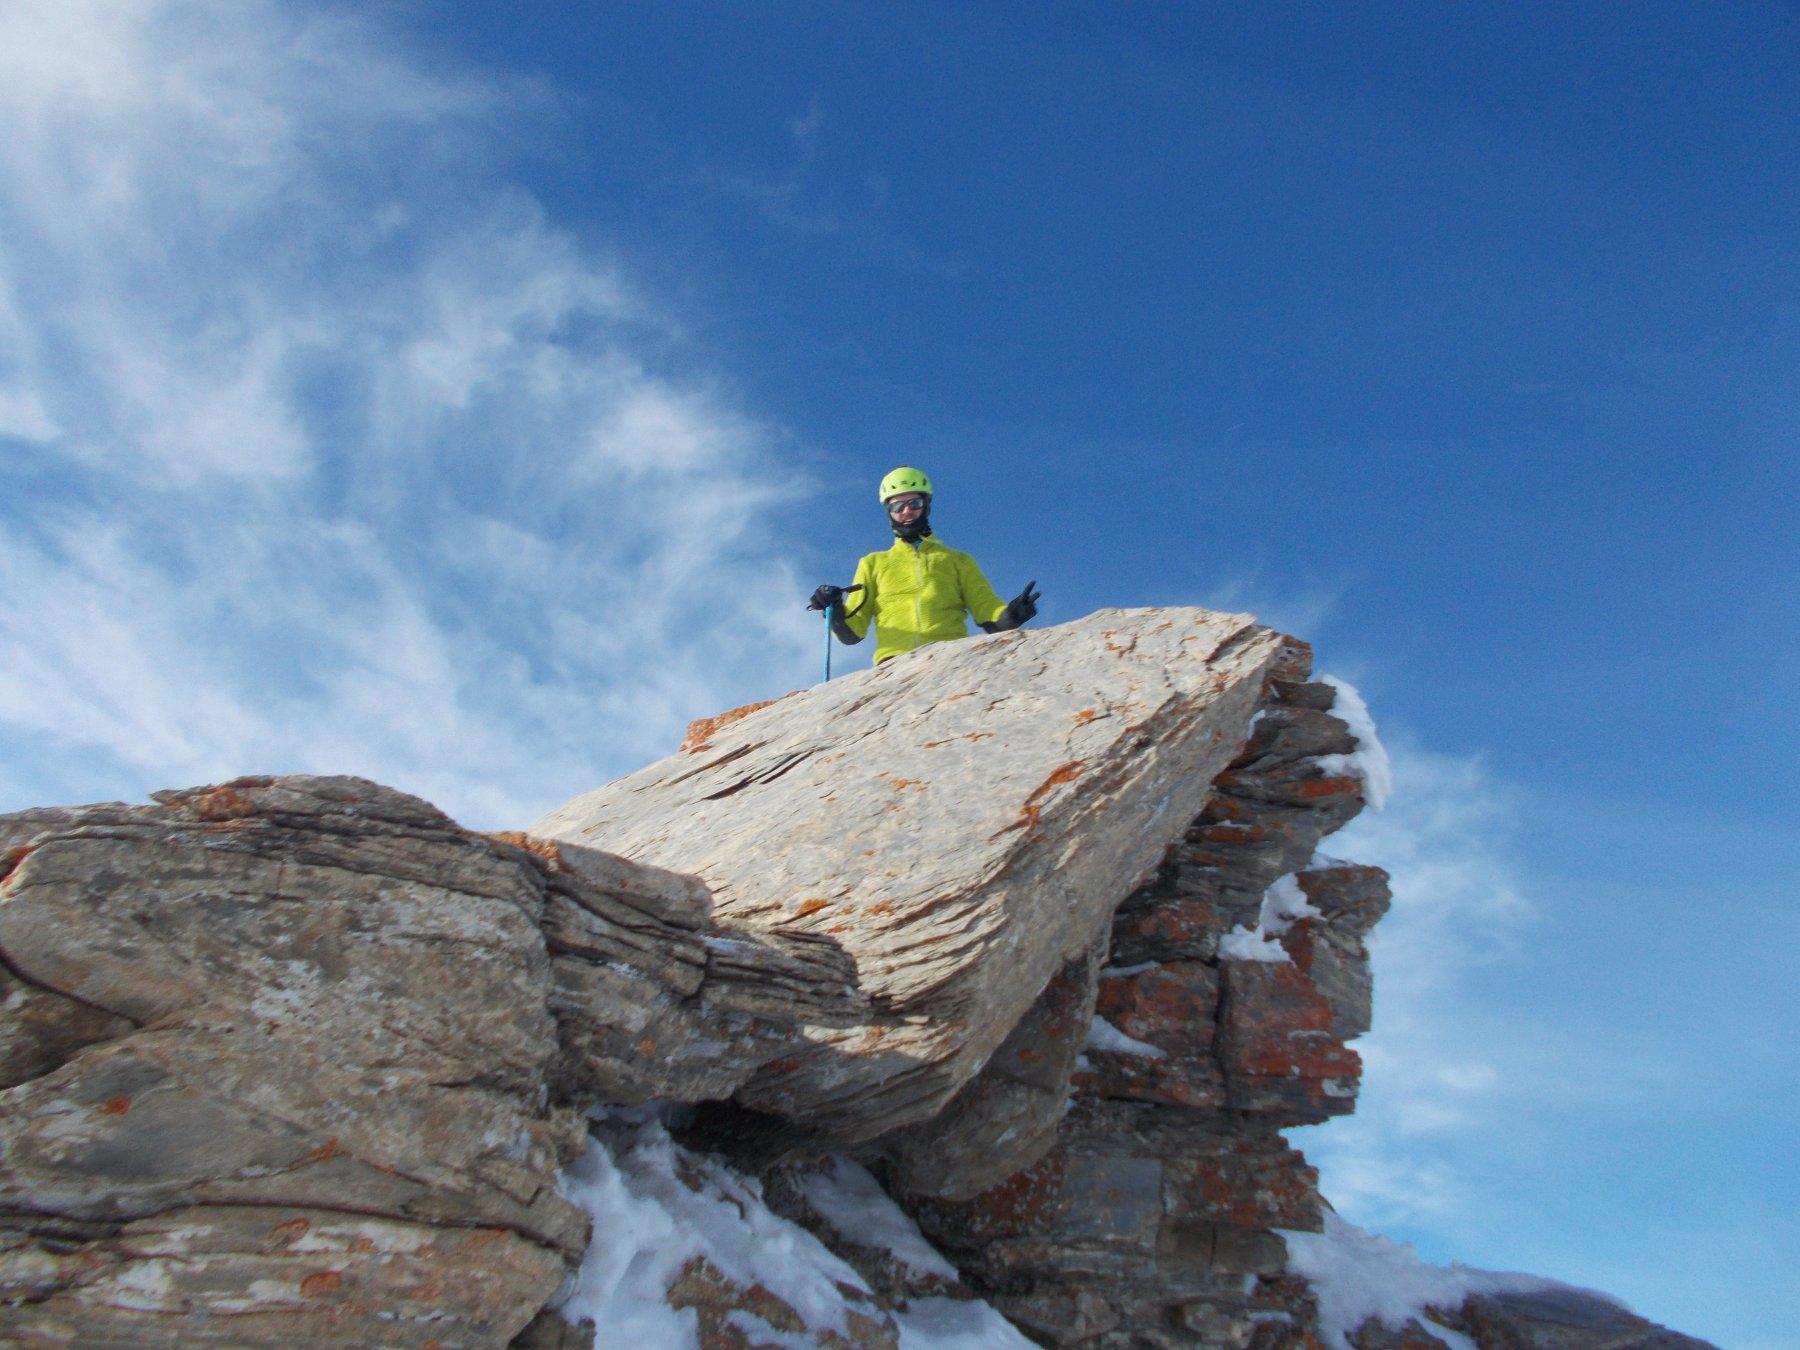 Marco in cima al Castelletto della Barsin..breve tratto roccioso salito e sceso con tecnica dry-tooling